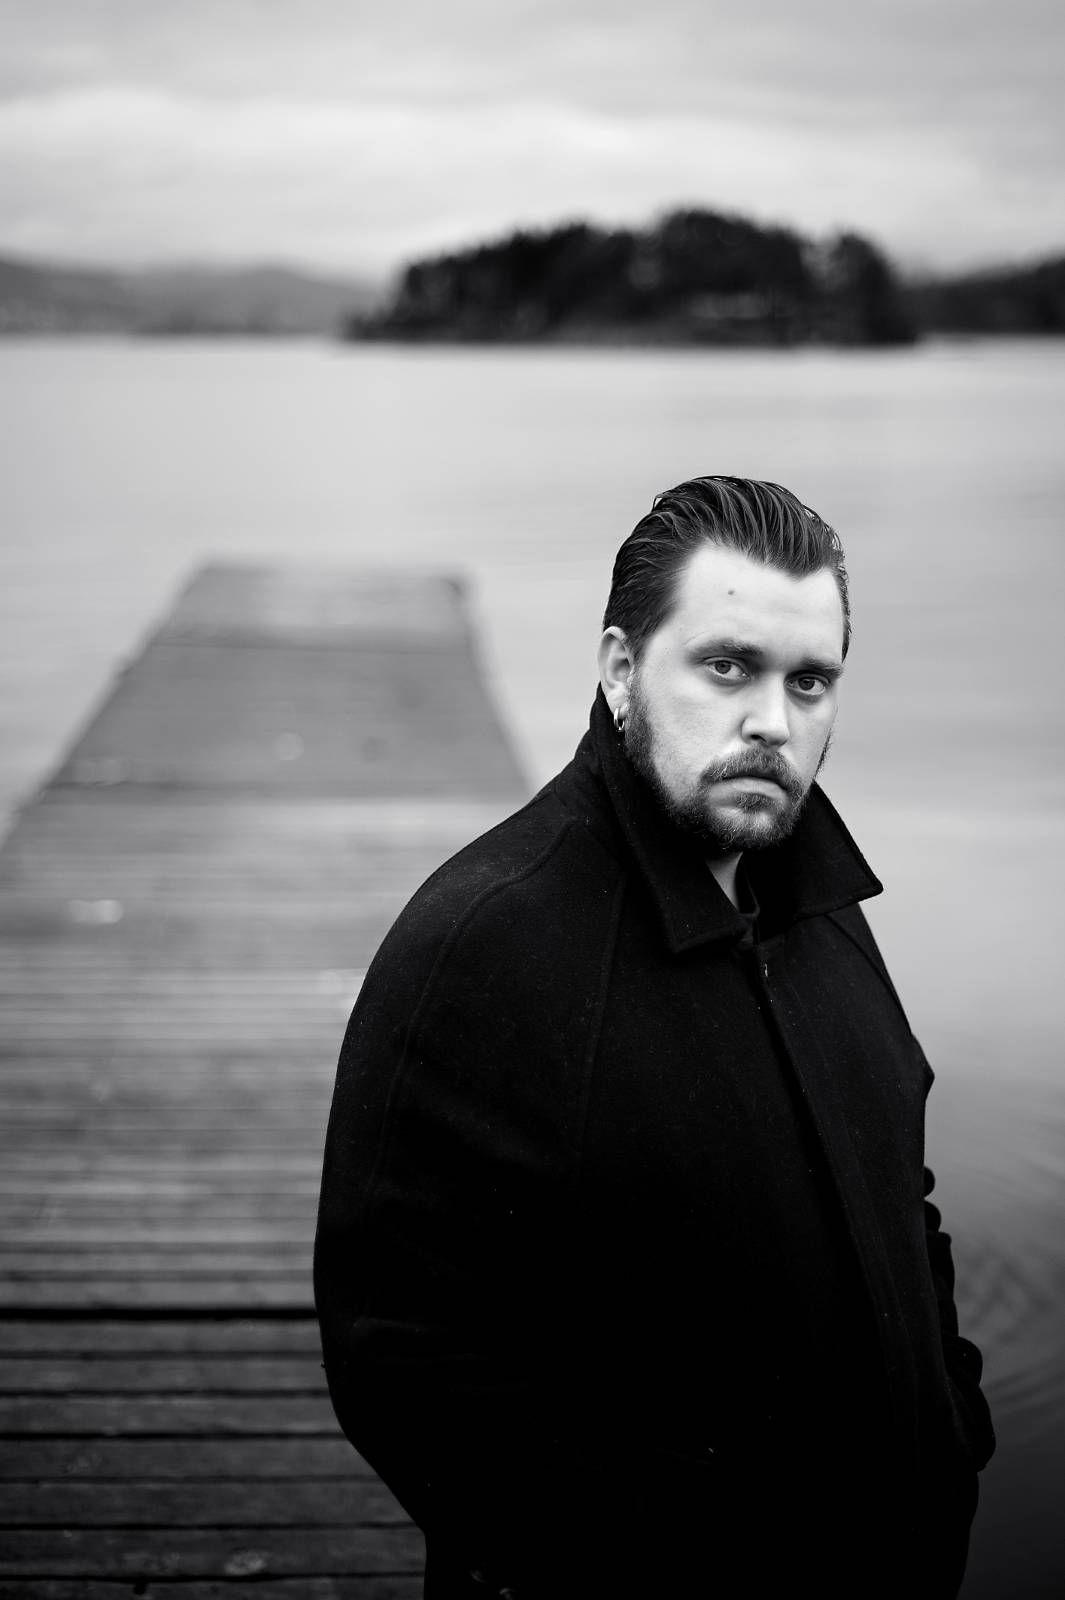 OPPTRER: Carl Espen fra Osterøy vant den norske Melodi Grand Prix-finalen i år, og skal opptre på Festplassen onsdag.